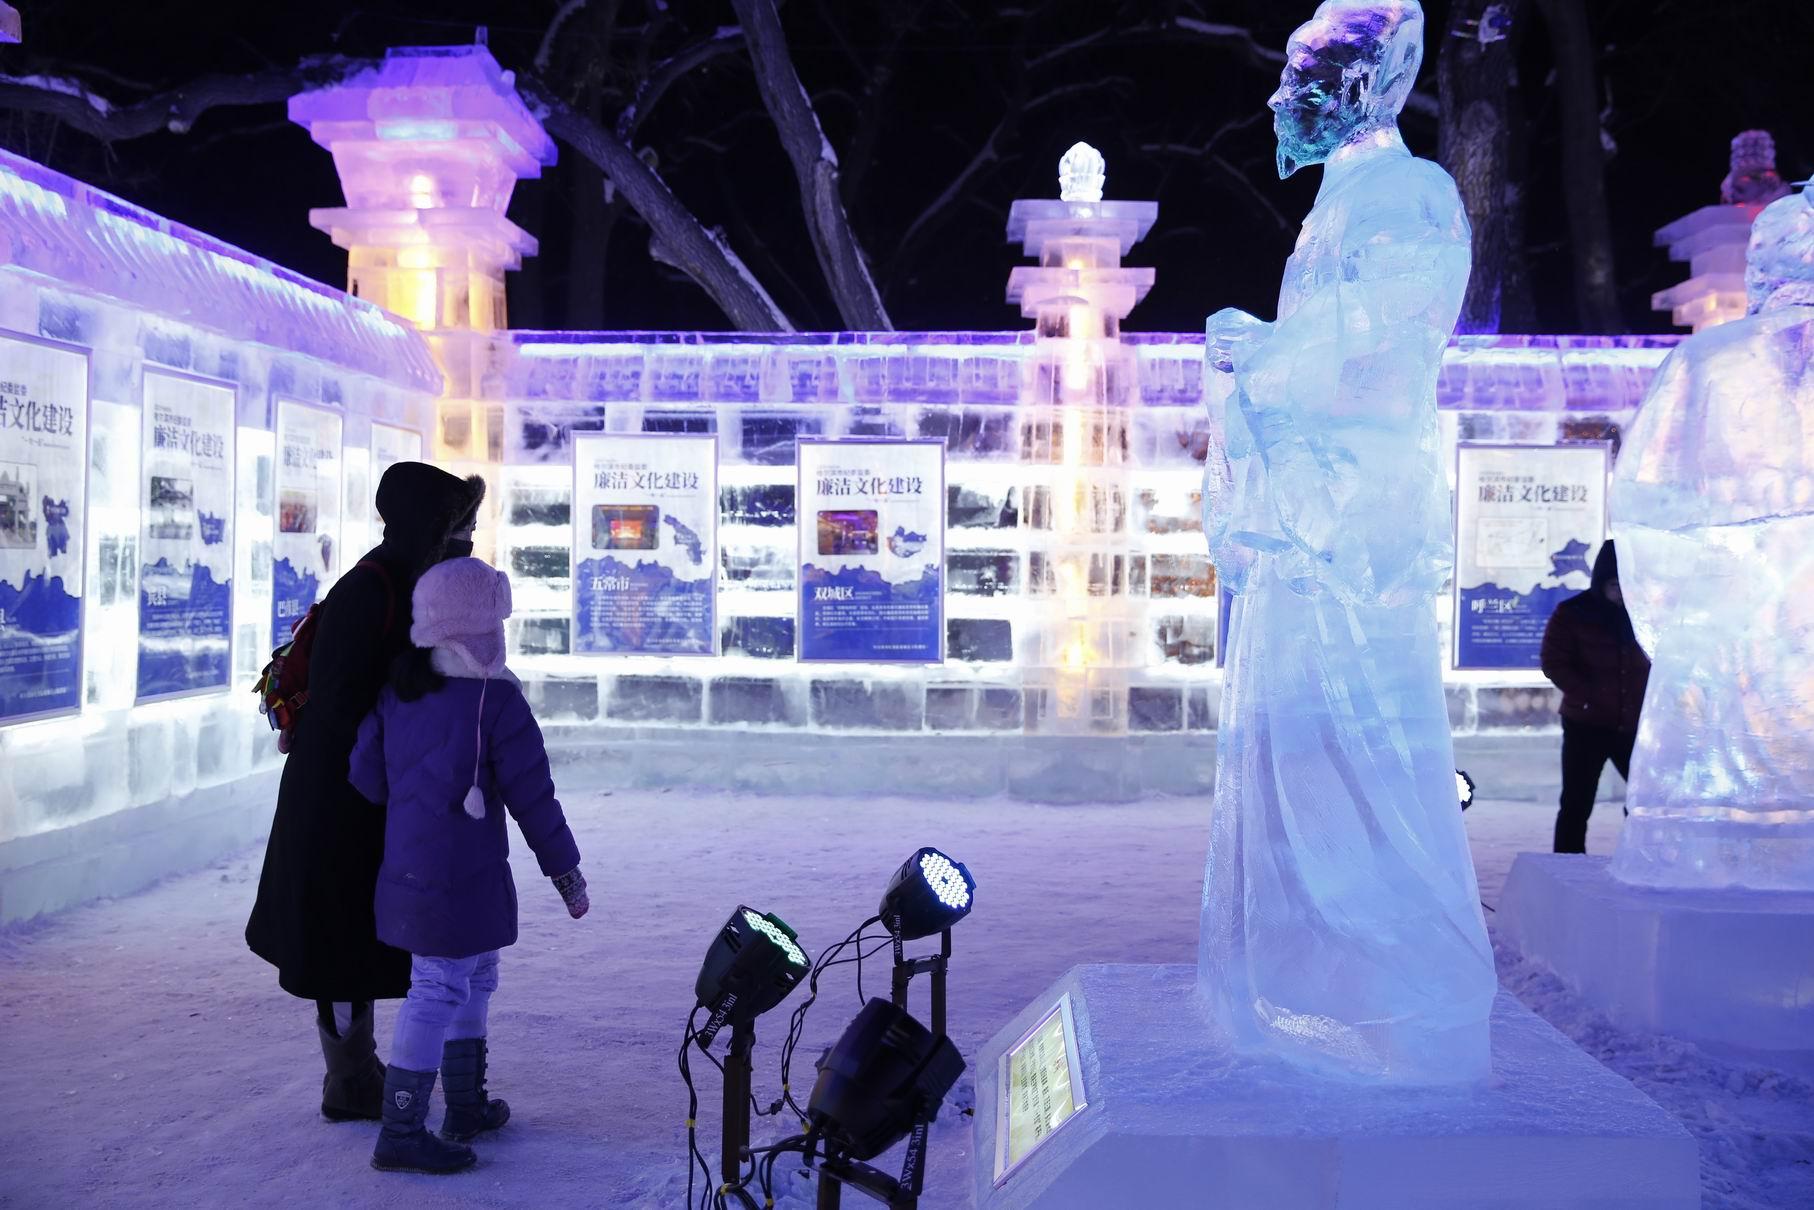 """冰雪为媒倡清廉——哈尔滨""""冰清玉洁""""廉洁文化展区正式对公众开放图片"""